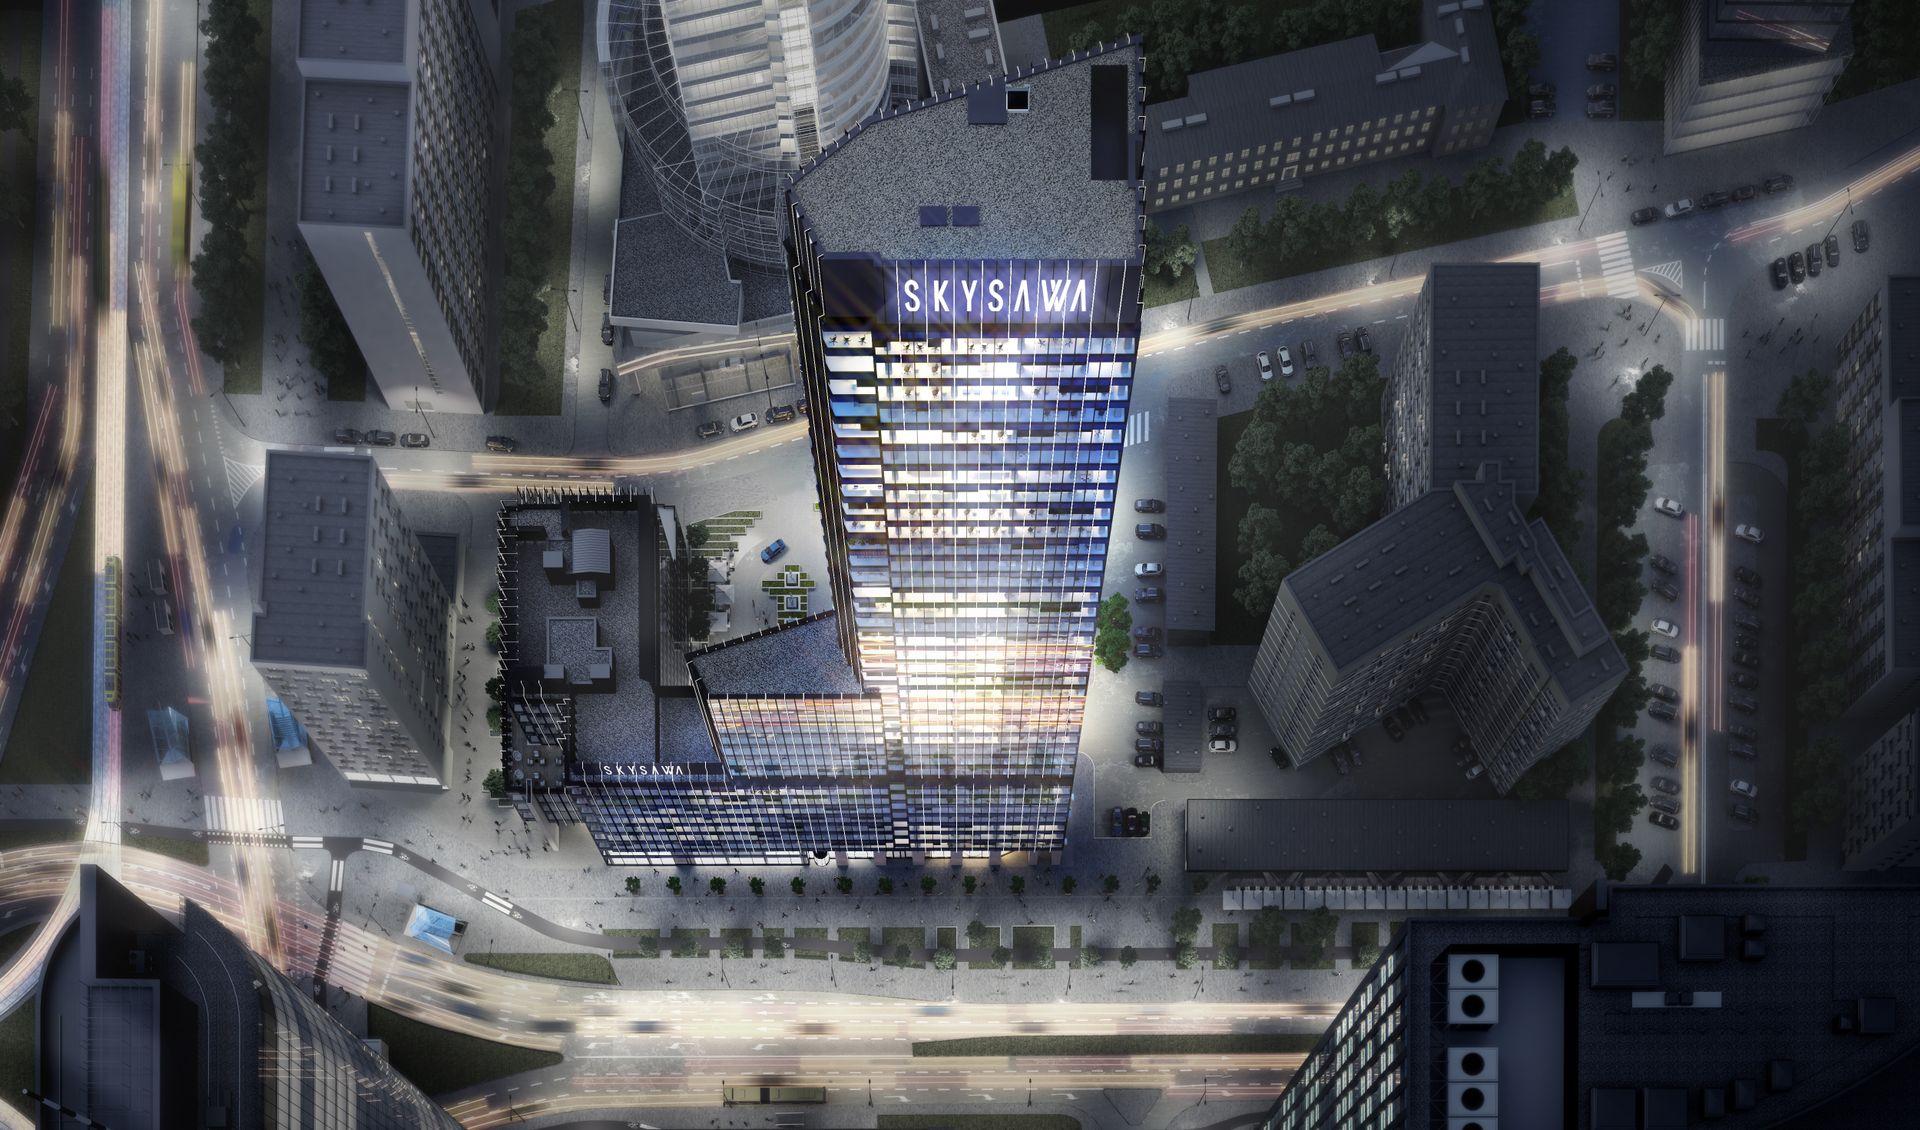 Przy ulicy Świętokrzyskiej w Warszawie powstaje 155 metrowy wieżowiec Skysawa [FILM]